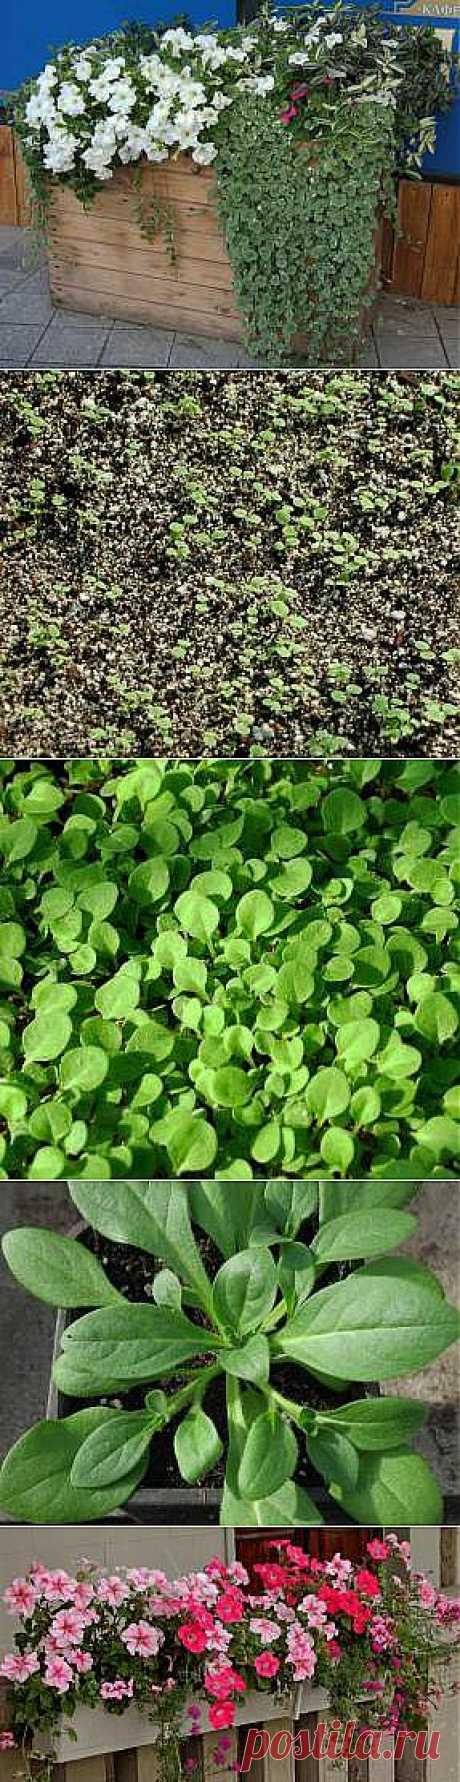 Петуния: посев на рассаду и выращивание